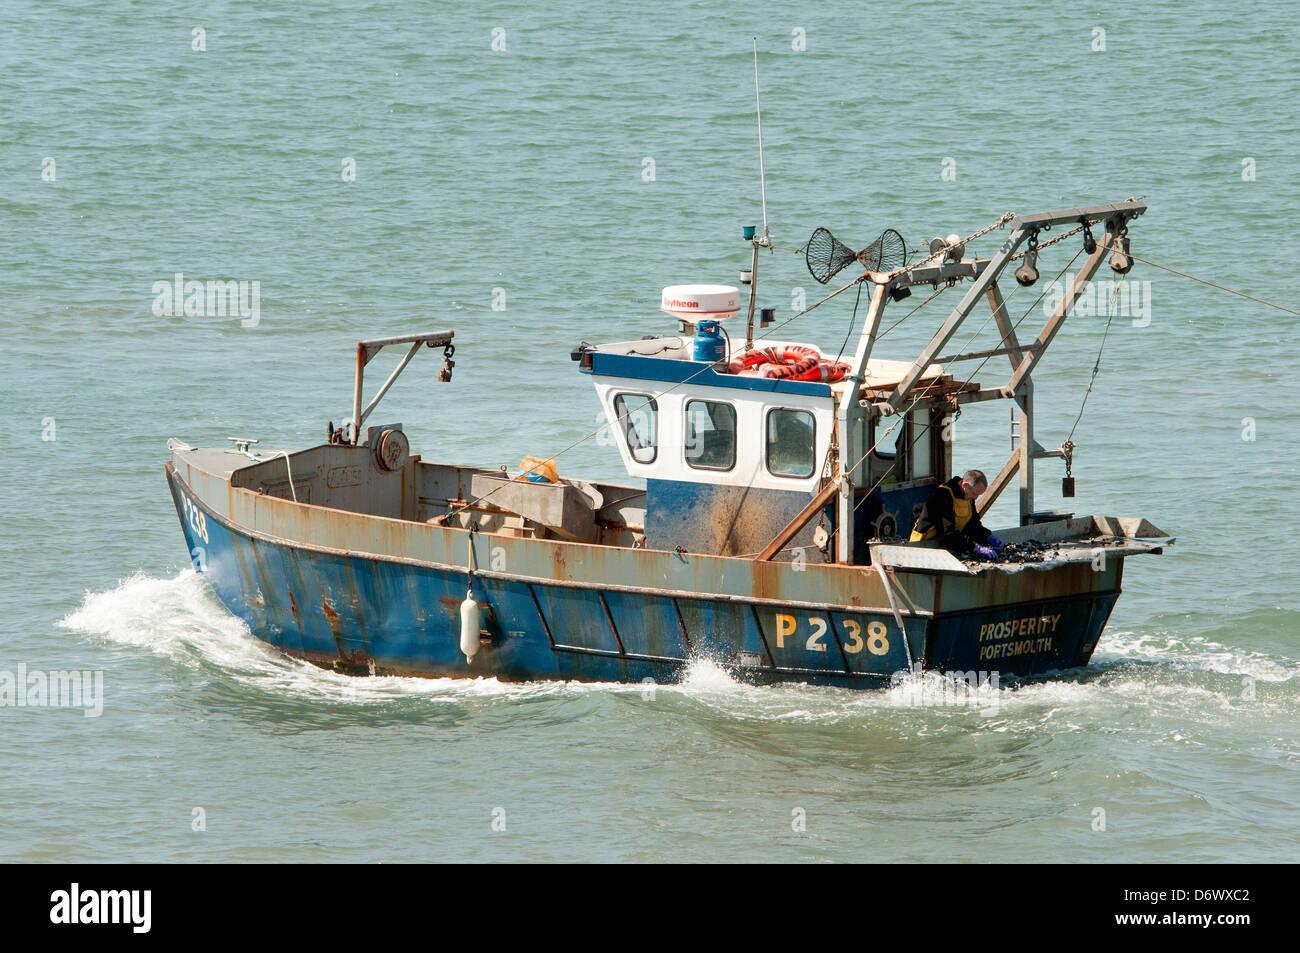 Prosperity Portsmouth Fishing Boat - Stock Image